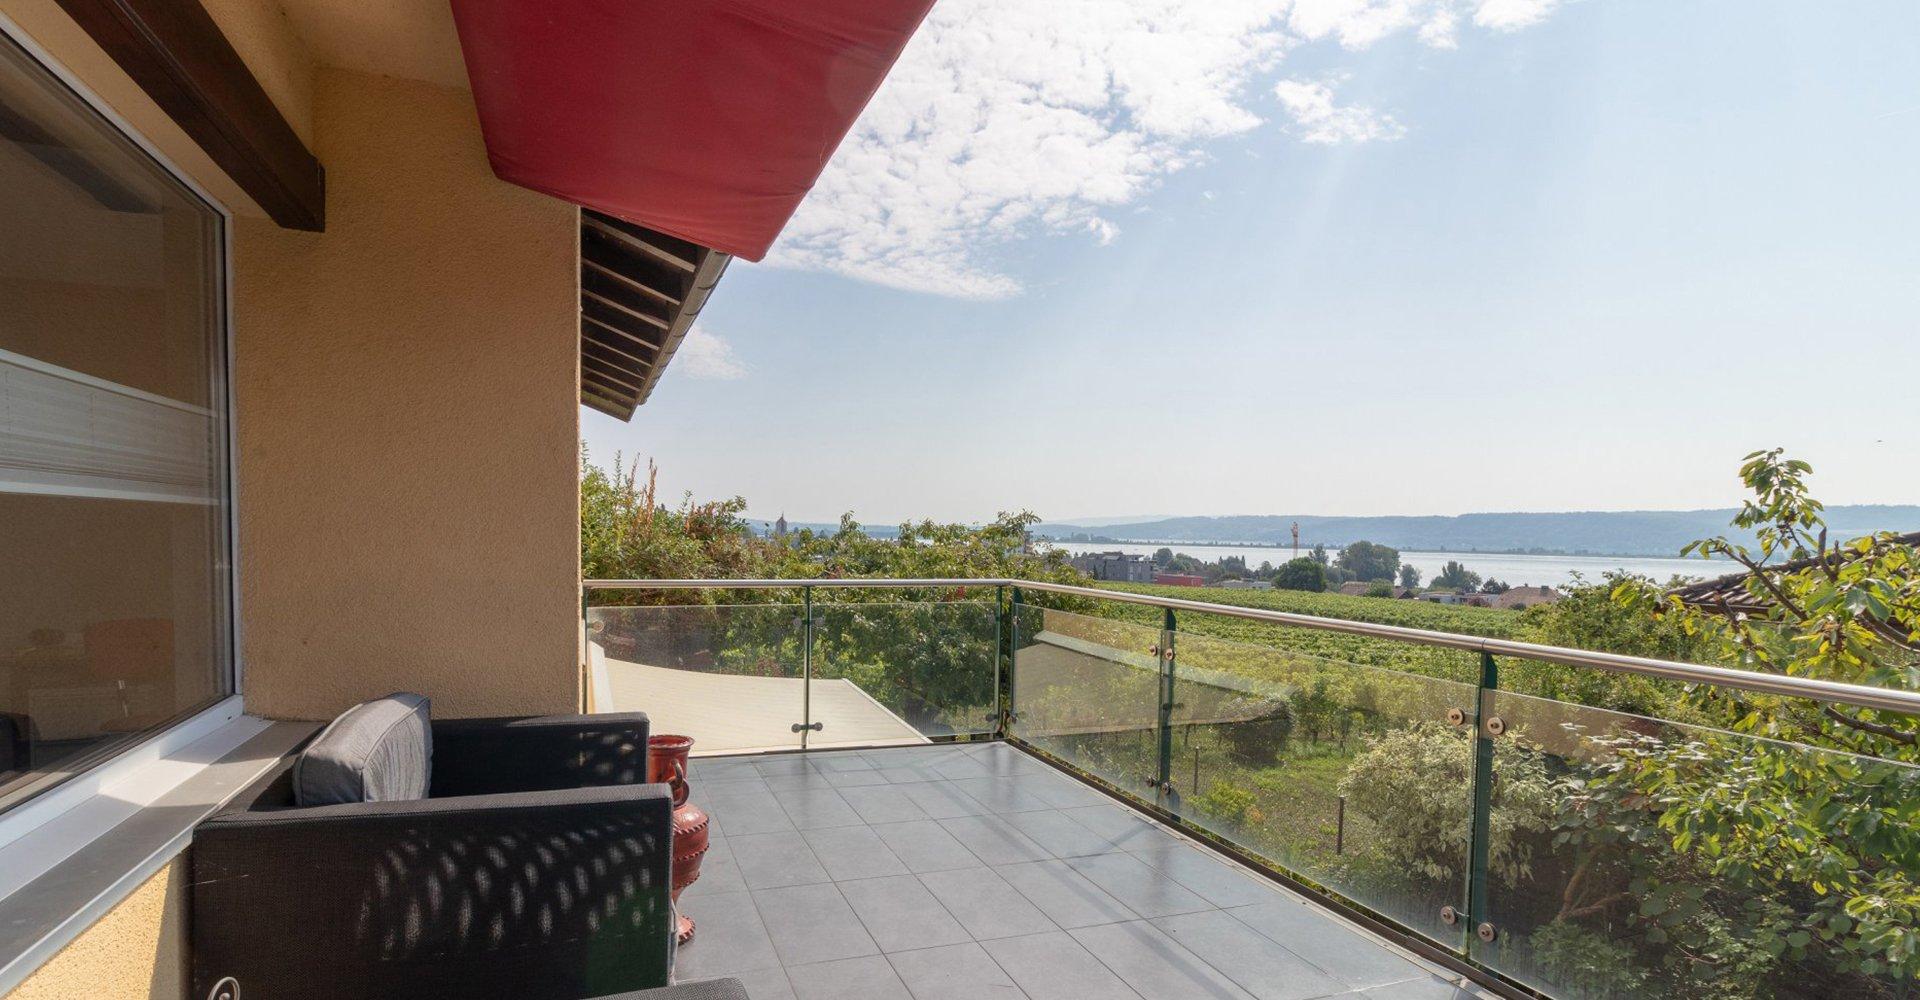 vue sur lac et vignoble depuis une terrasse au landeron canton de neuchatel